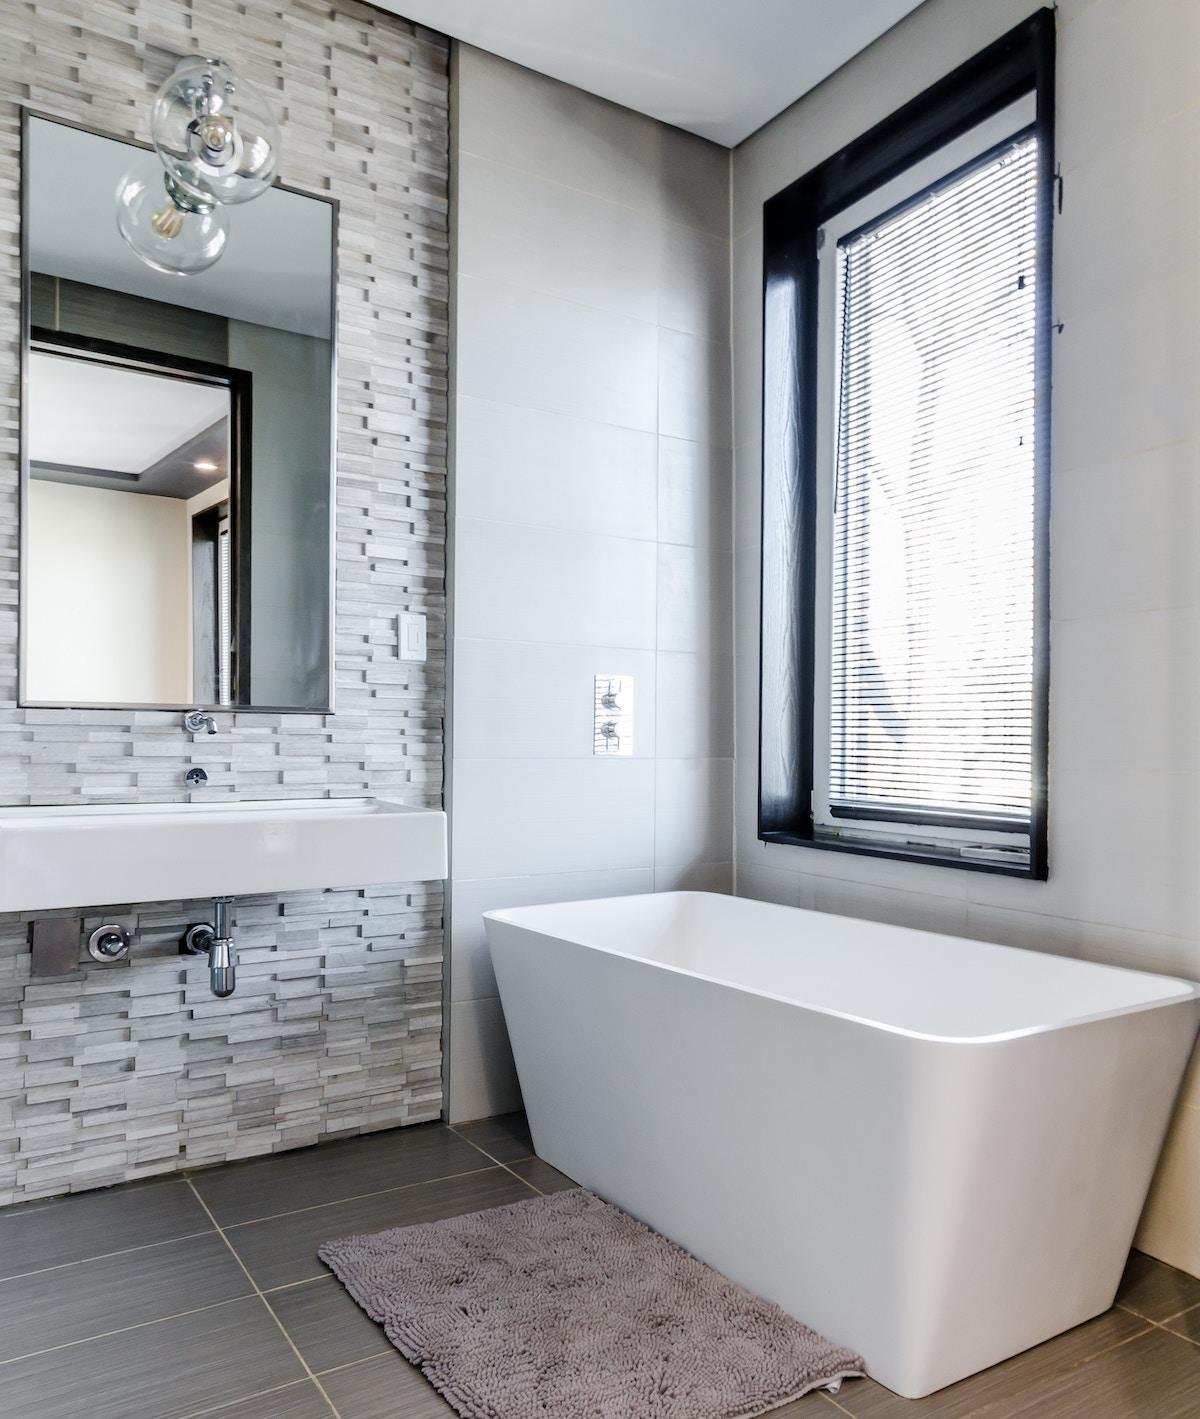 salle de bain connectée simple blanc gris hygge design - blog déco - clem around the corner